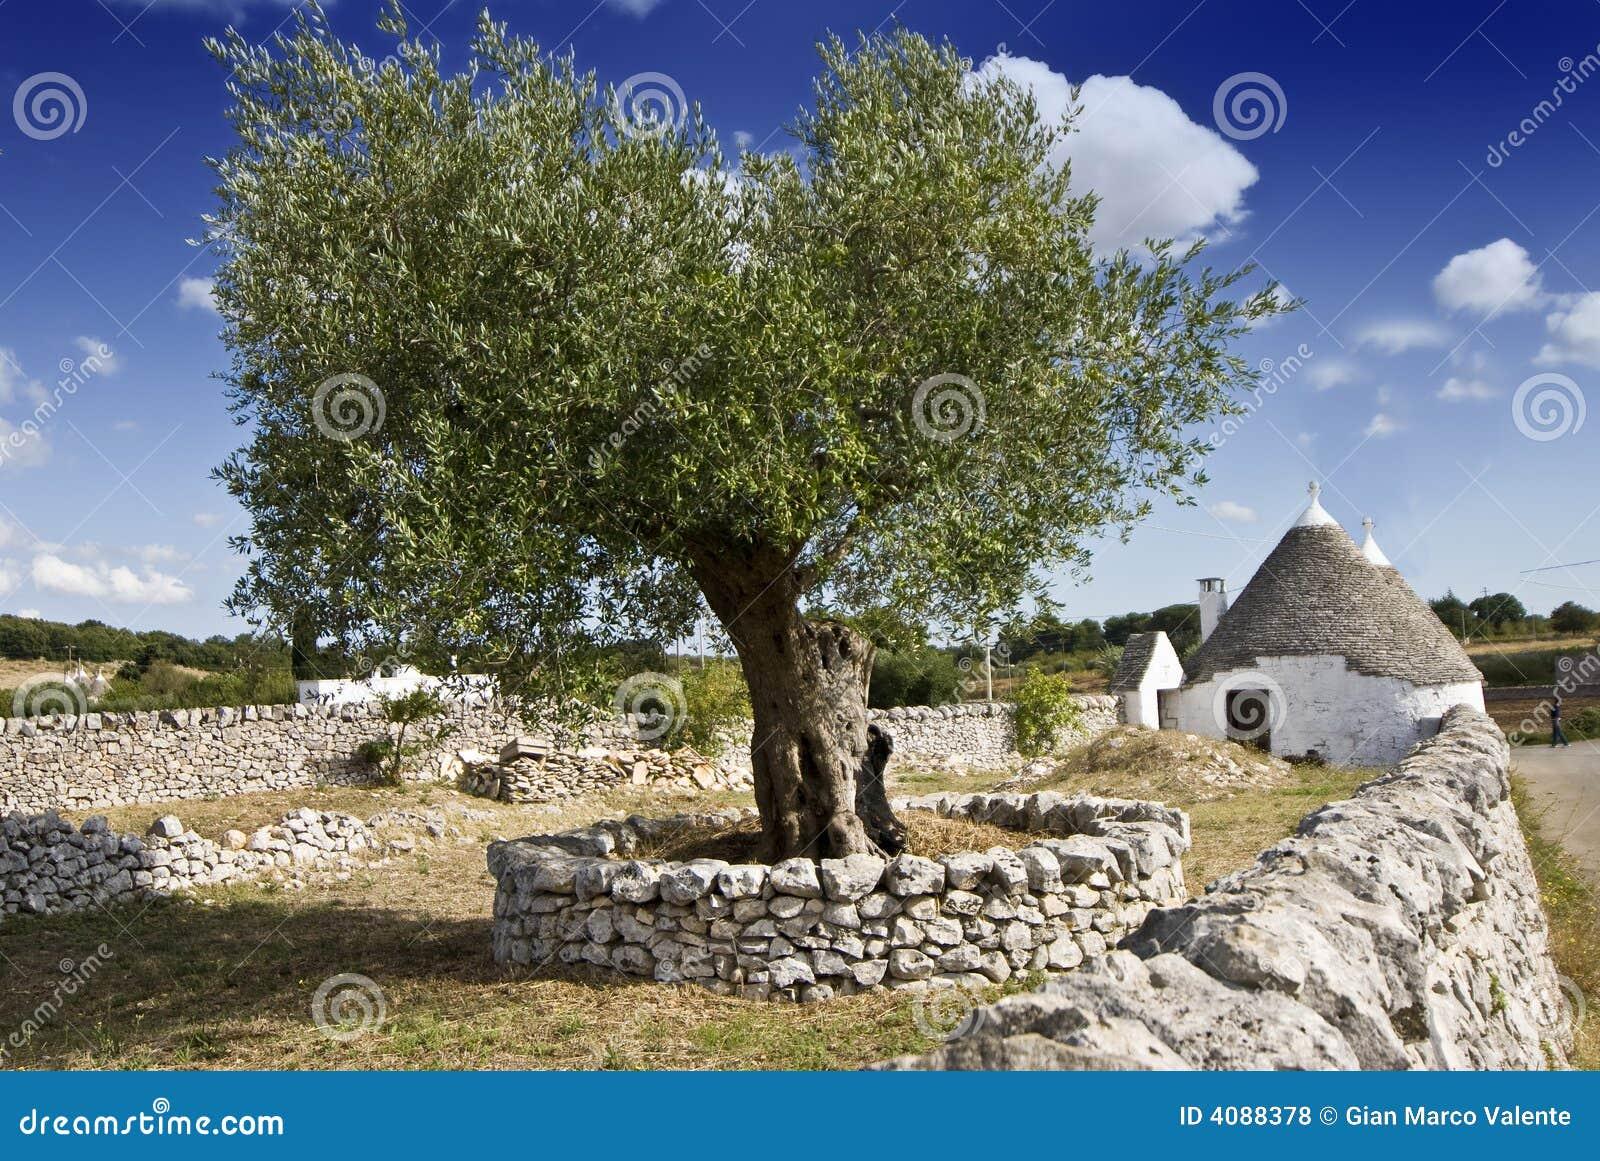 Di olivo e trullo fotografie stock libere da diritti for Acquisto piante olivo